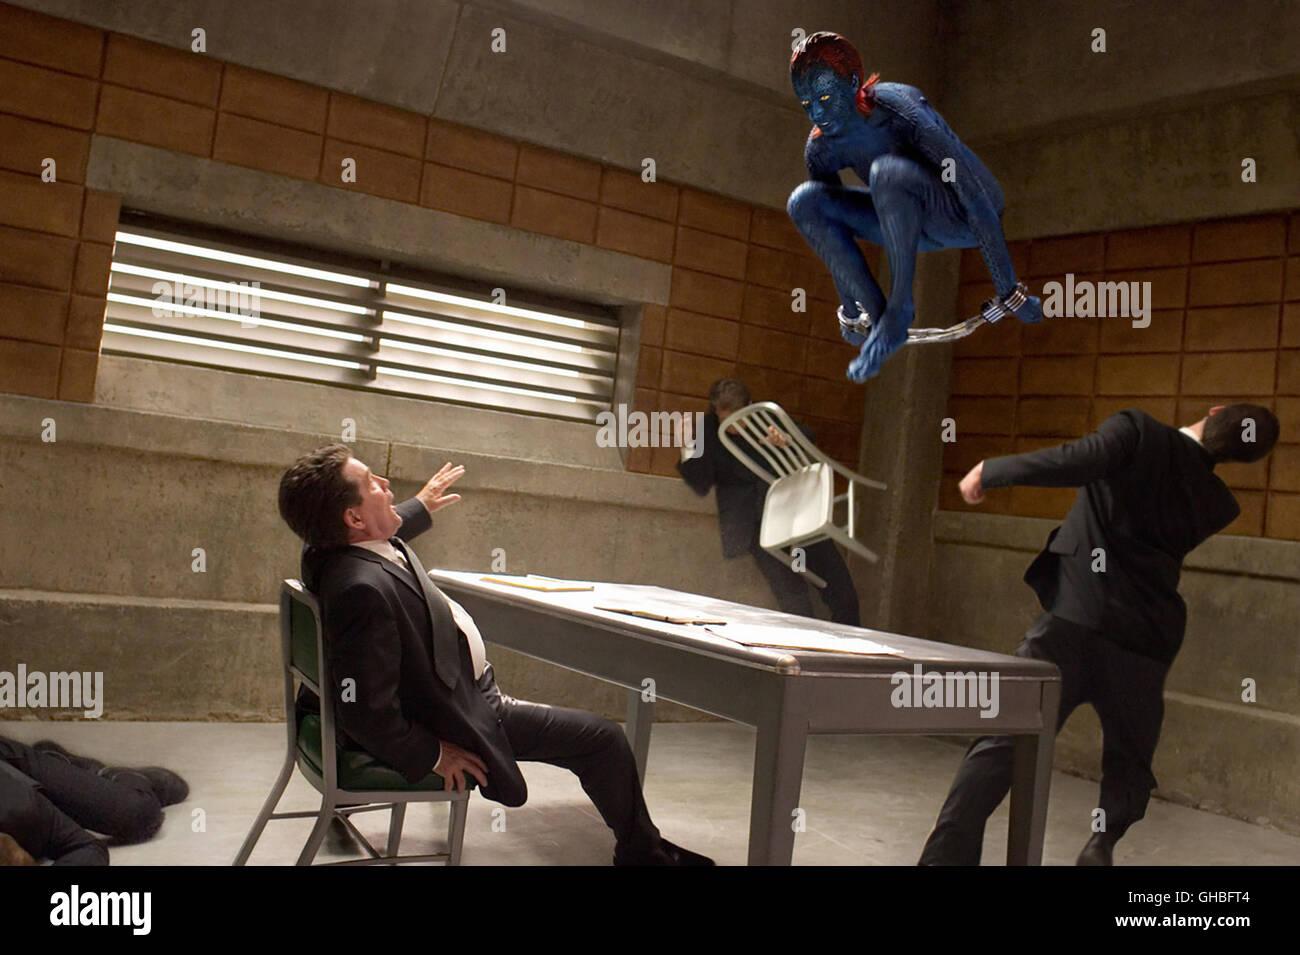 X-MEN: THE LAST STAND USA 2005 Brett Ratner Actionszene, action scene Regie: Brett Ratner - Stock Image